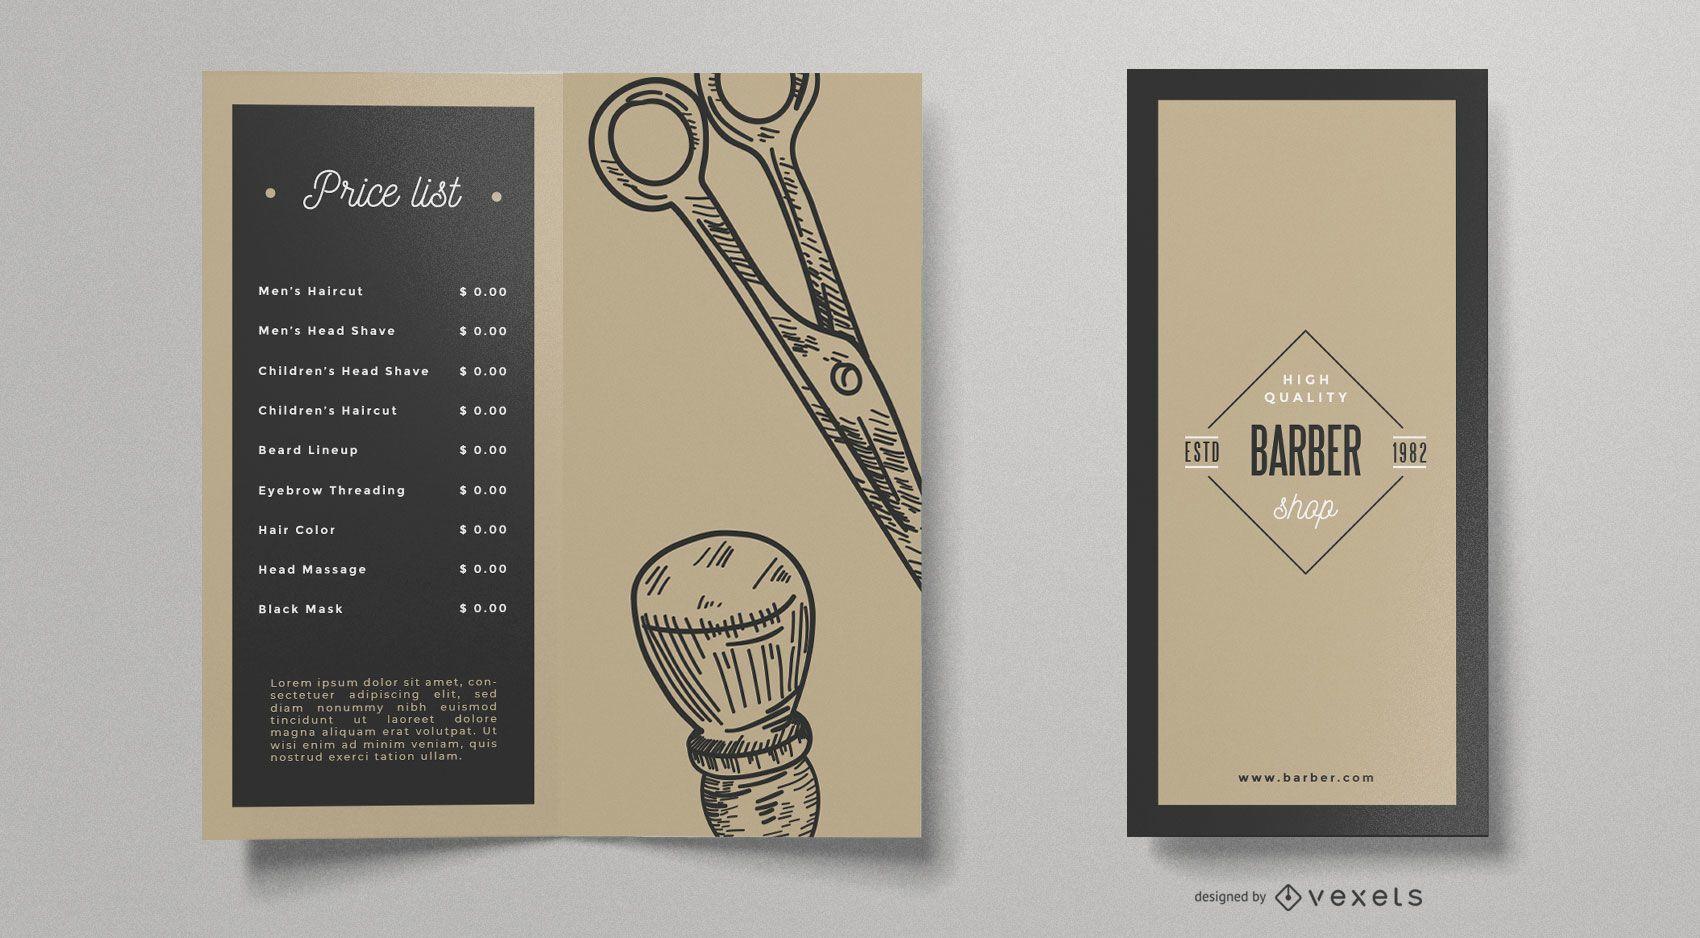 Barber shop vintage brochure template